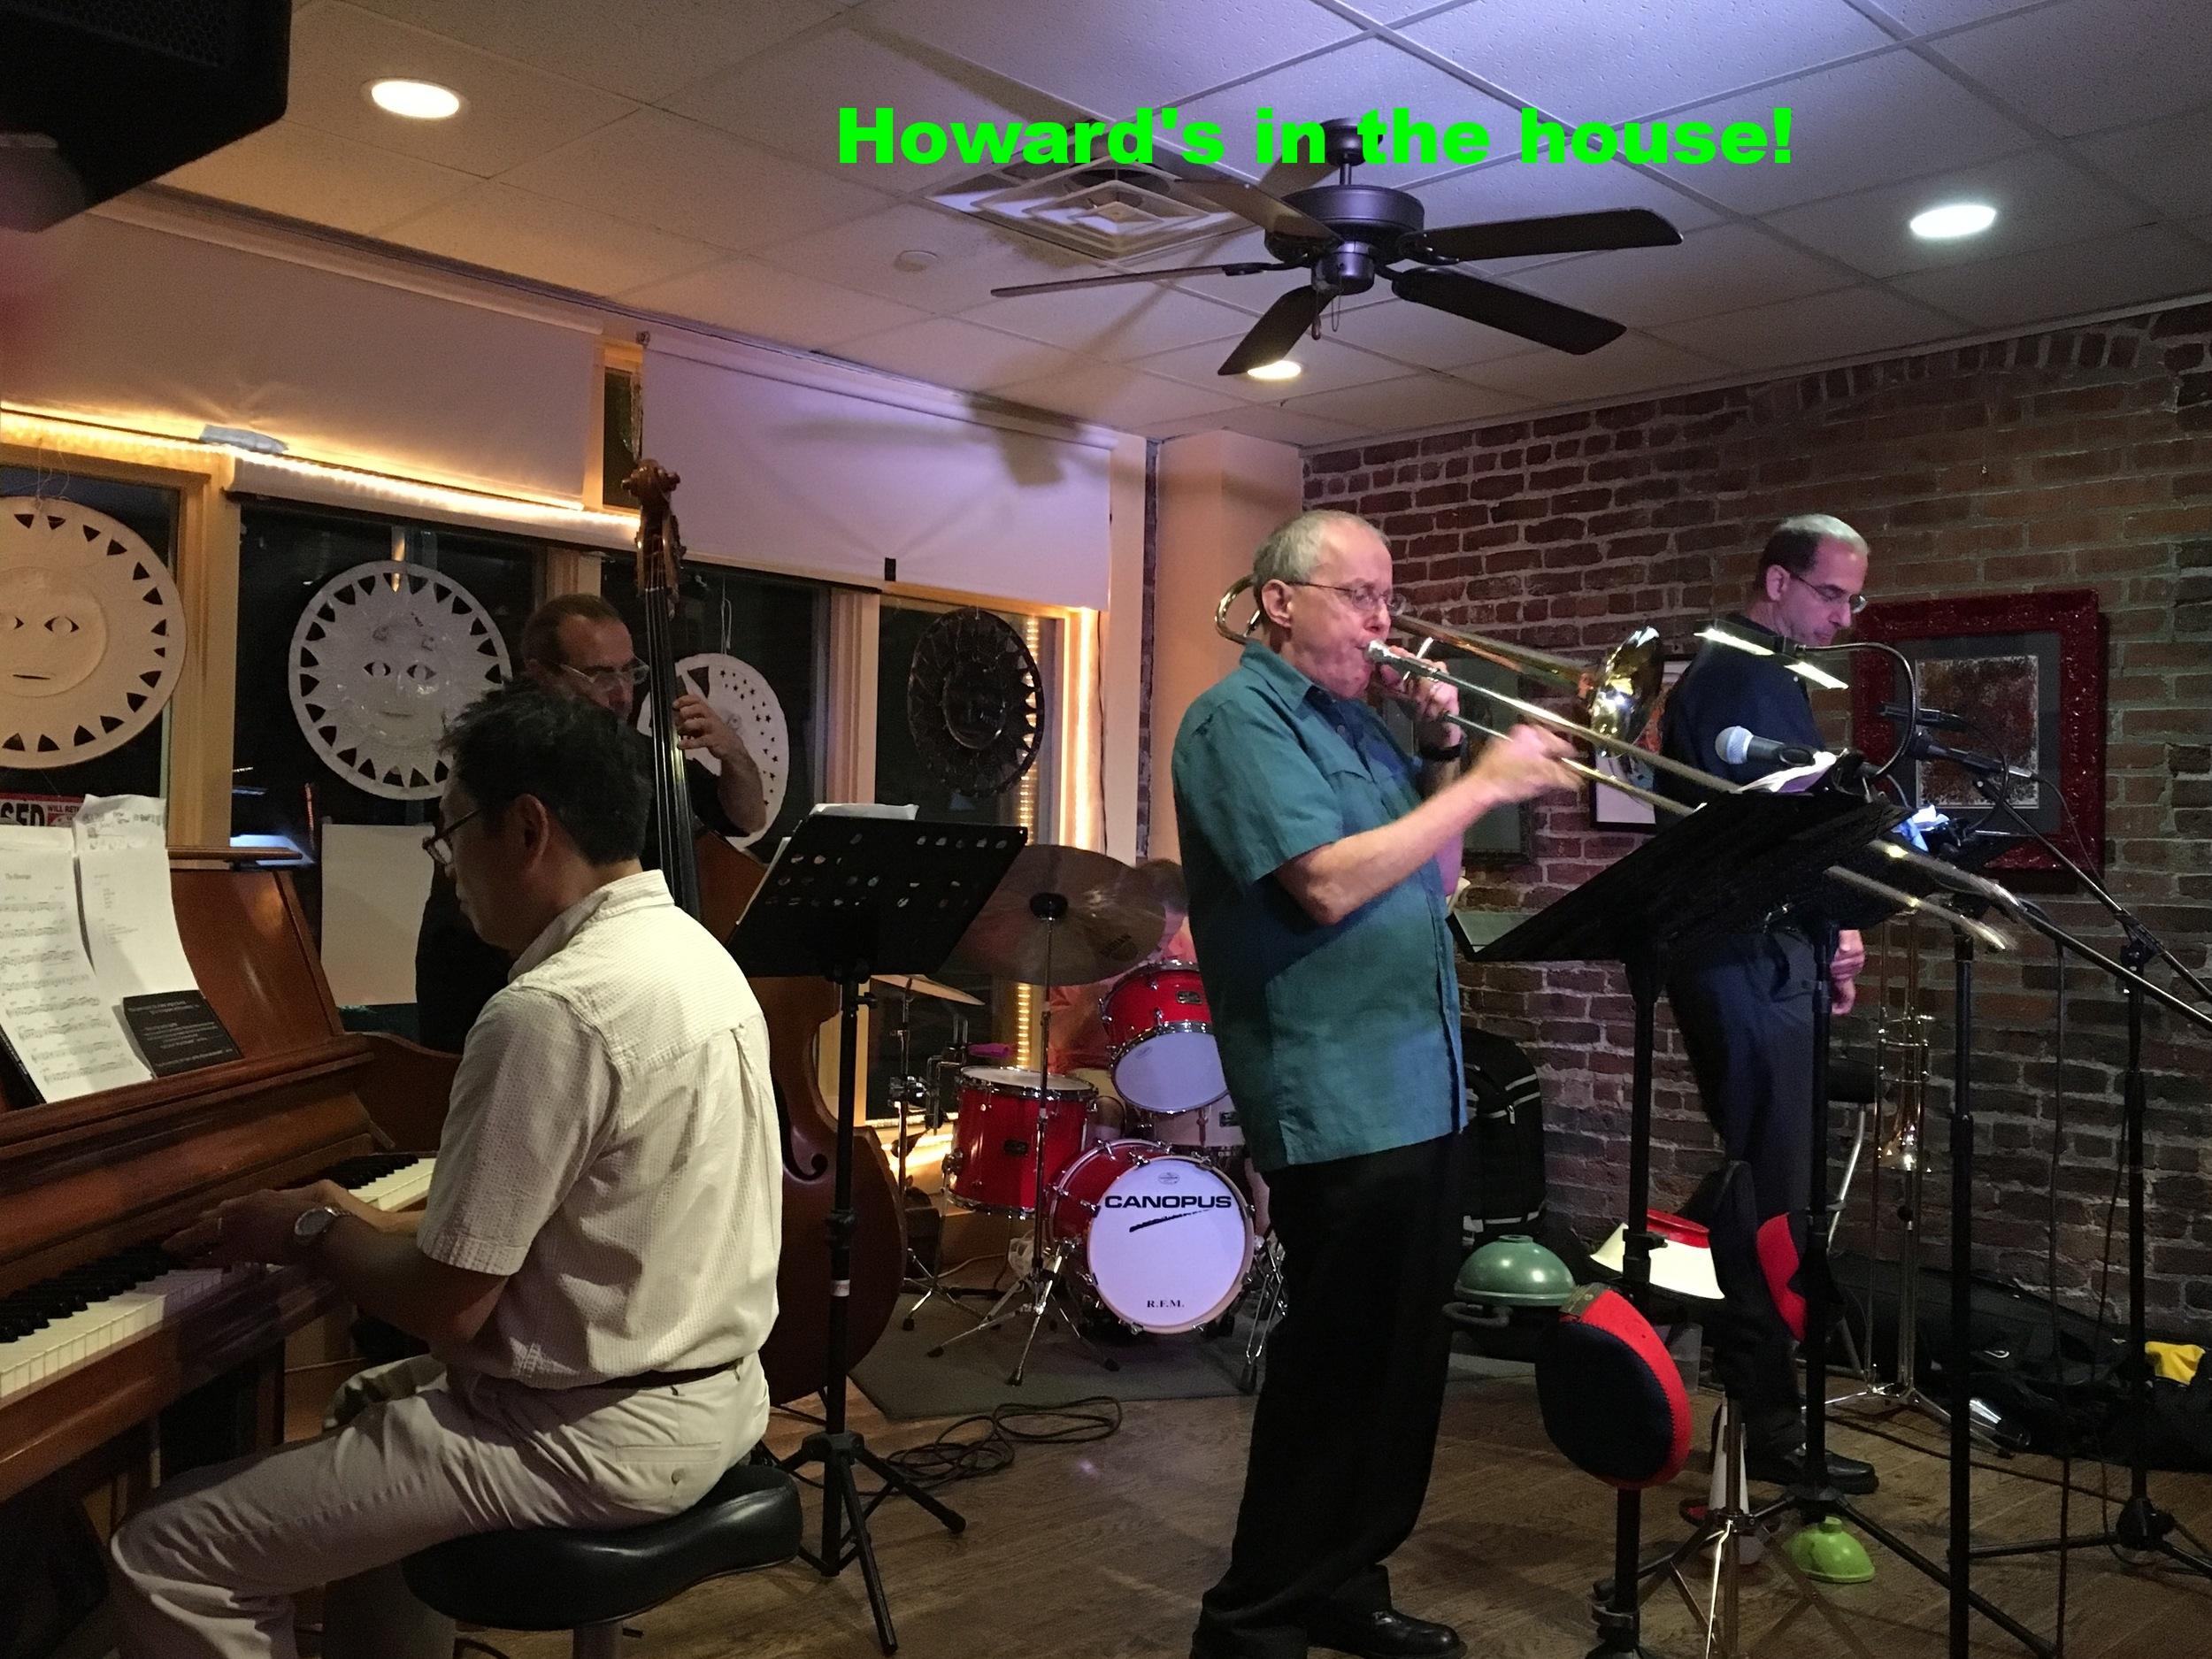 Hudson Valley Jazz Festival at the BeanRunner Cafe